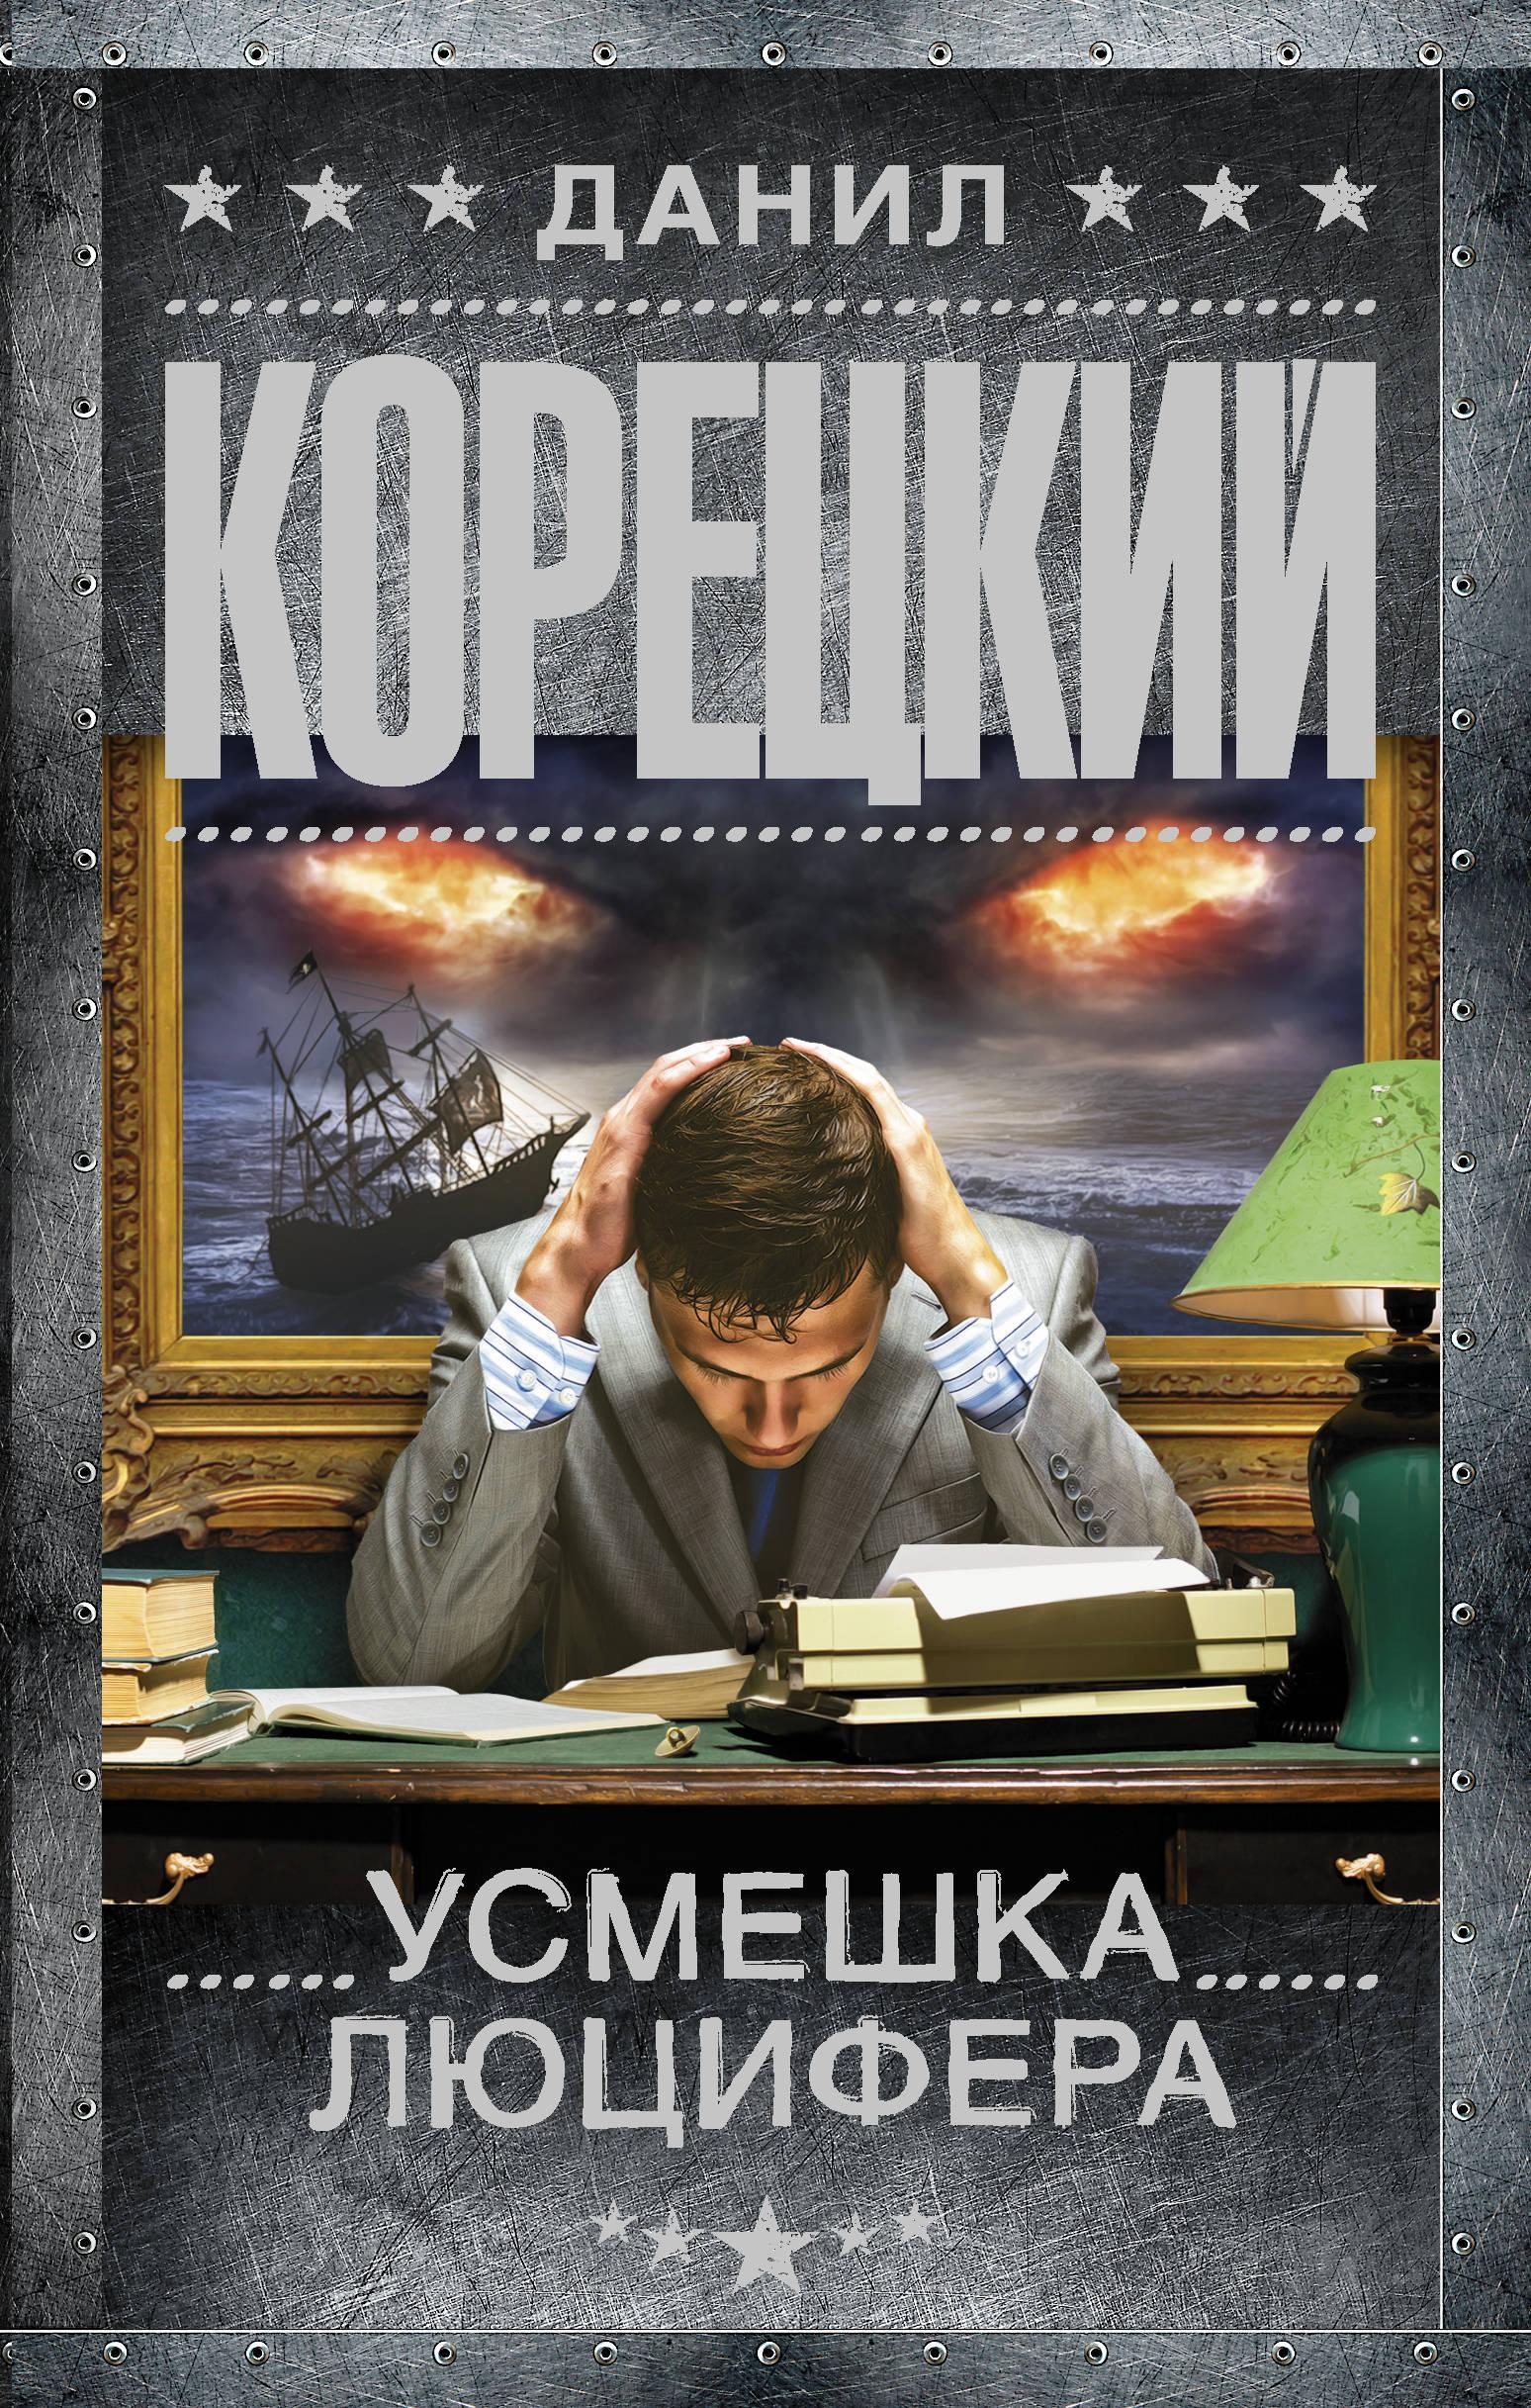 Данил корецкий рок-н-ролл под кремлем. Книга 3. Спасти шпиона.